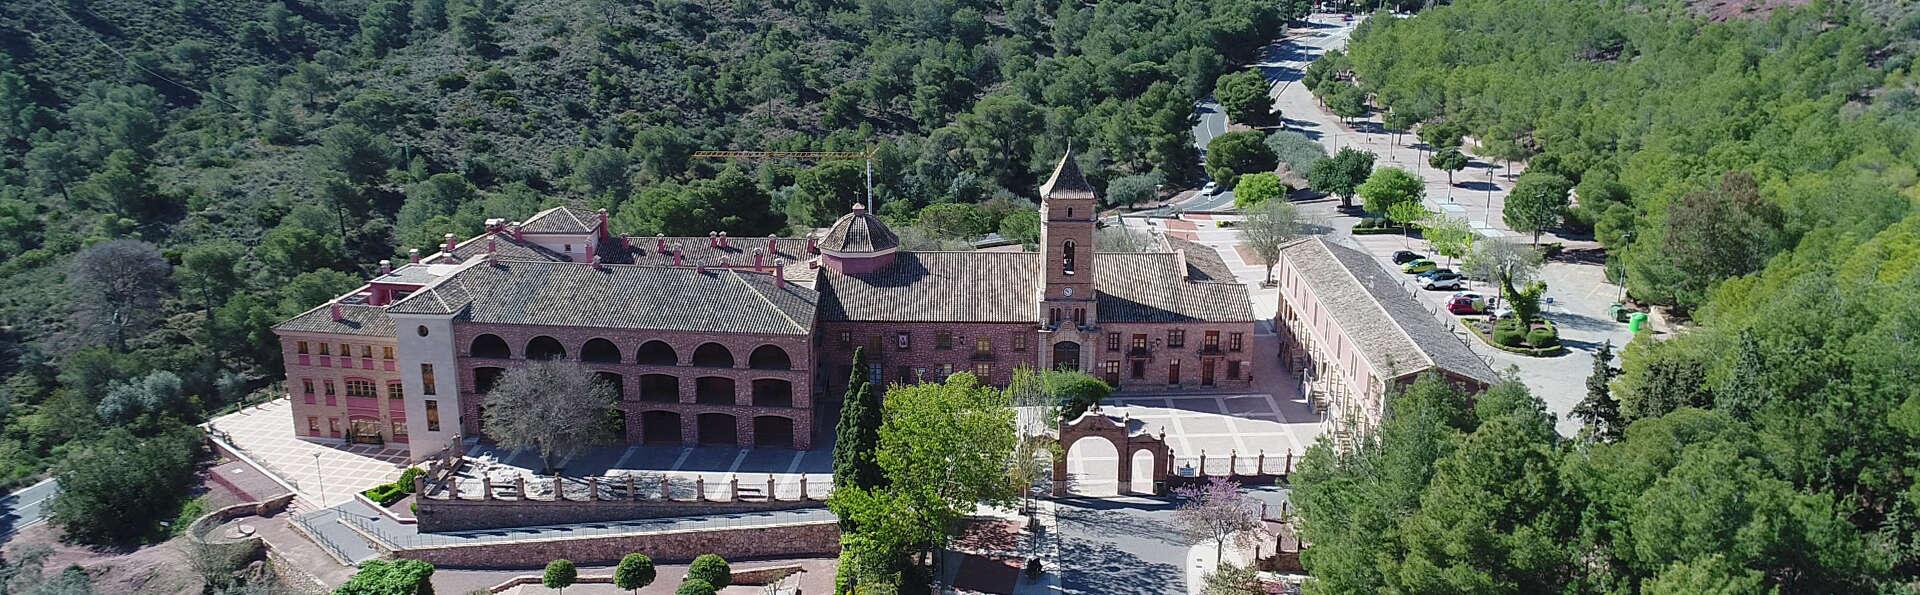 Escapada con Cena y copa de bienvenida en un antiguo monasterio del siglo XVI en Totana